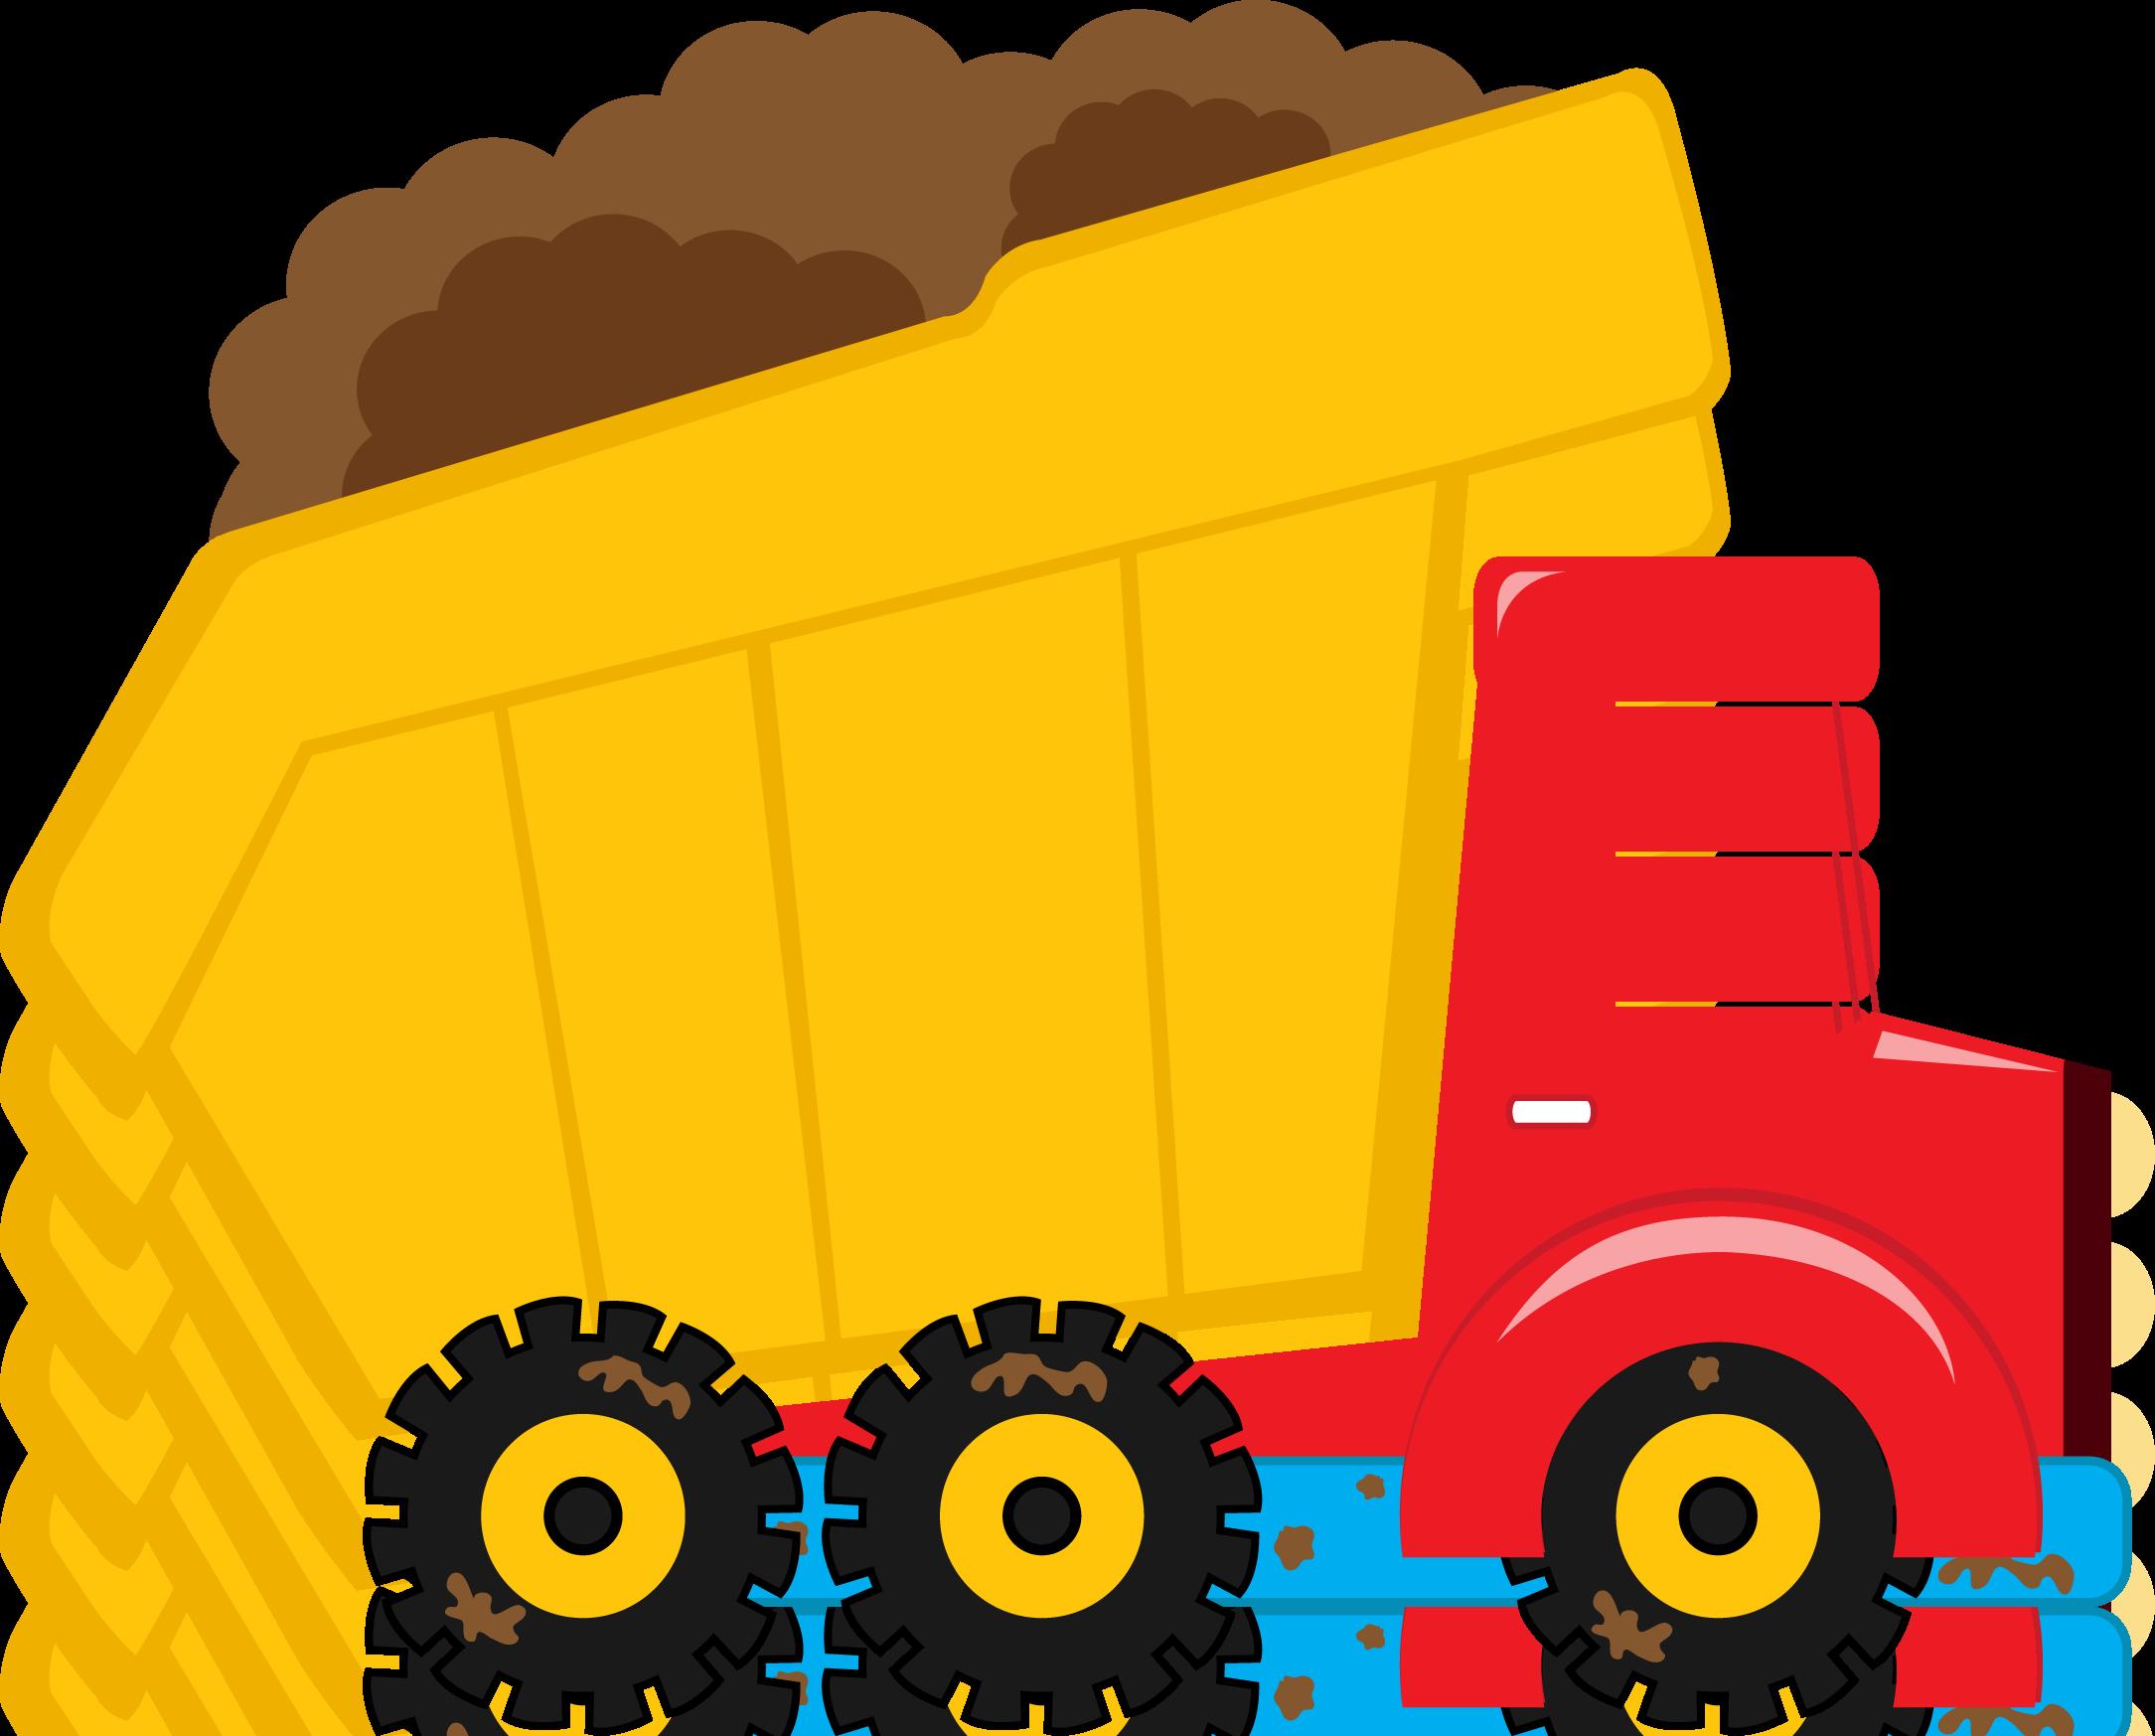 clipart royalty free Meios de transporte bddumptruck. Construction vehicles clipart.